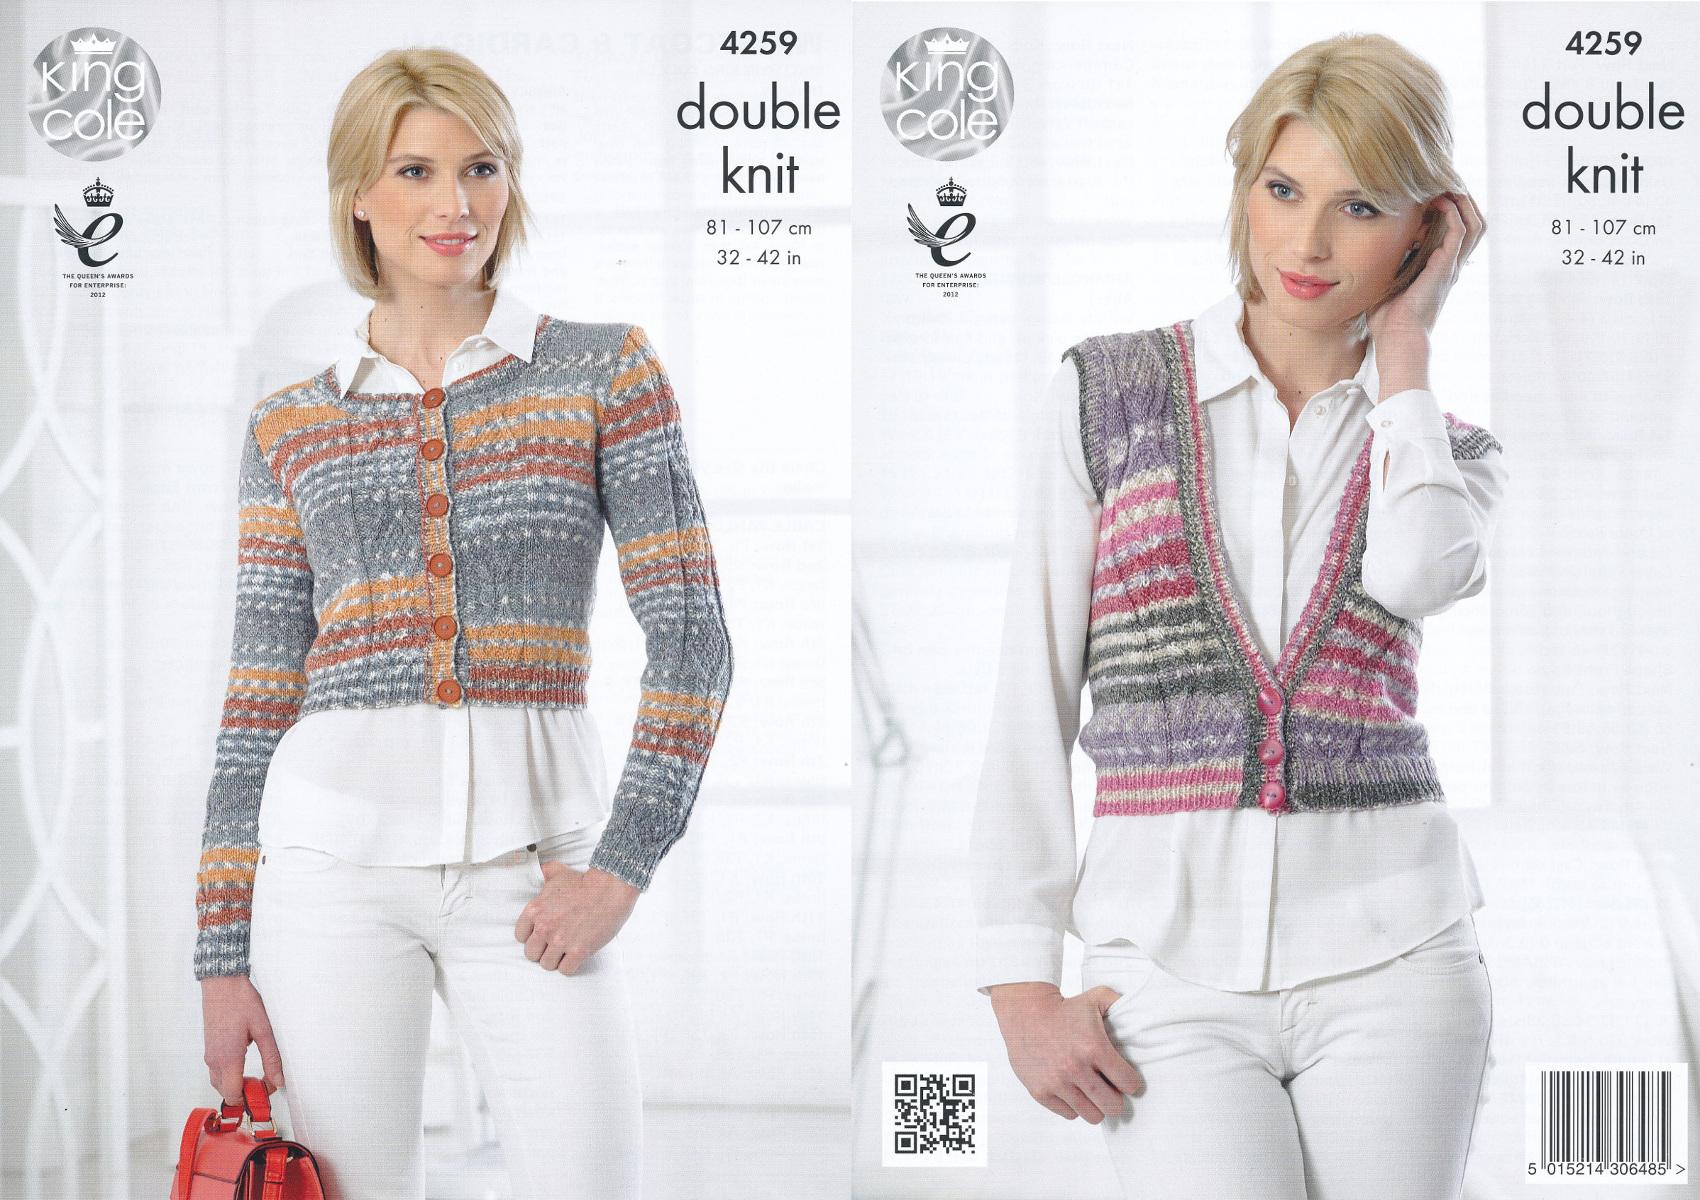 King Cole Ladies Cardigan Knitting Pattern : King Cole Womens Double Knitting Pattern Cable Knit Waistcoat Cardigan DK 425...